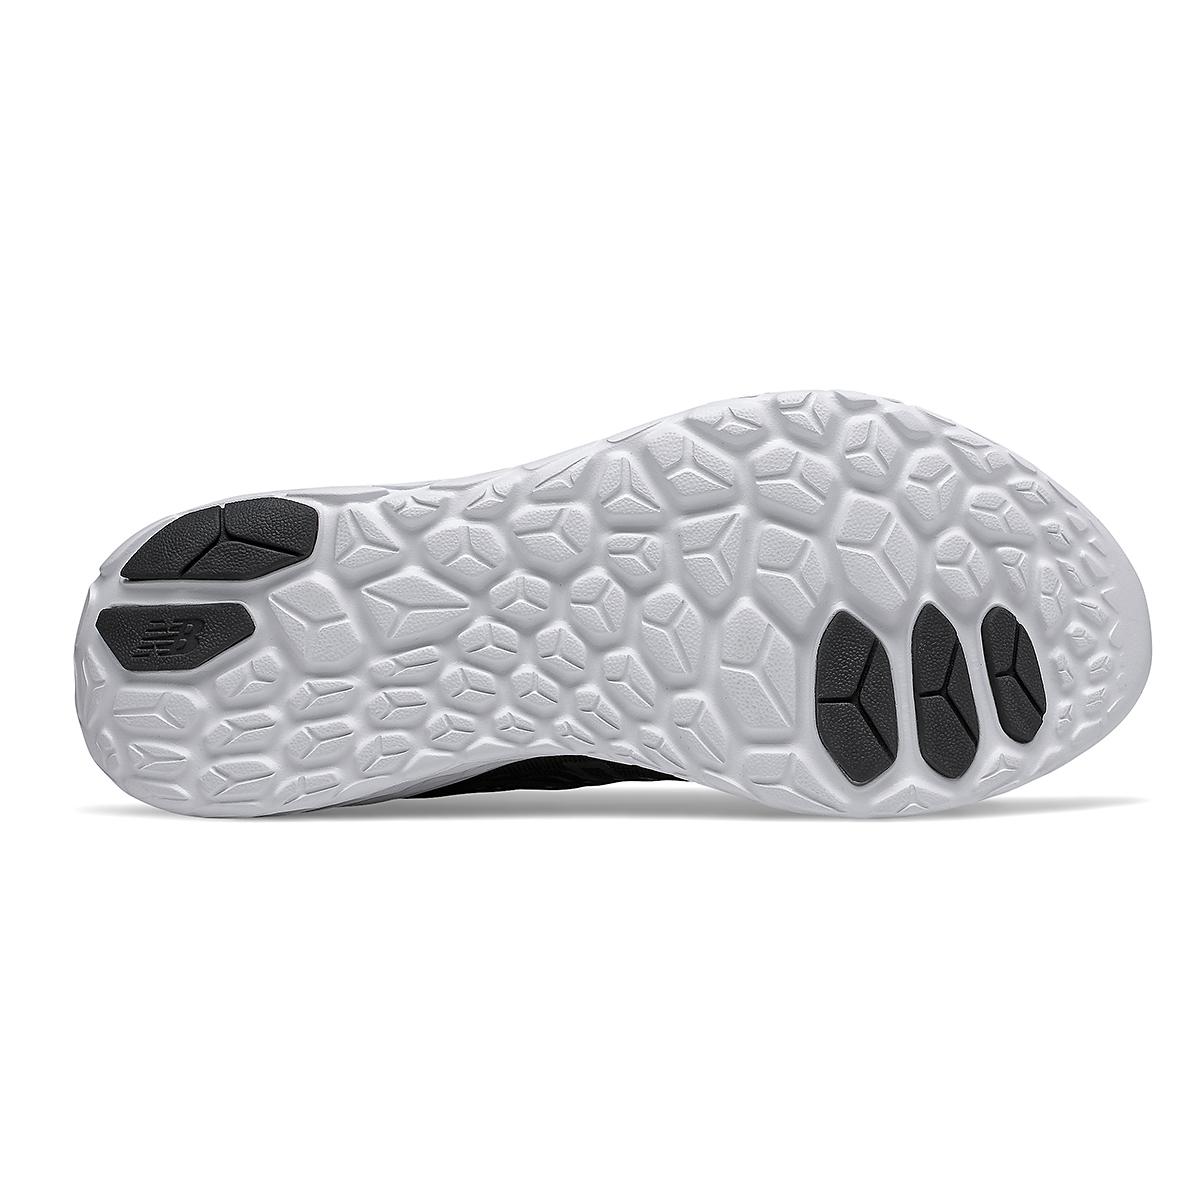 Men's New Balance Beacon V3 Running Shoe - Color: Black - Size: 8 - Width: Regular, Black, large, image 3